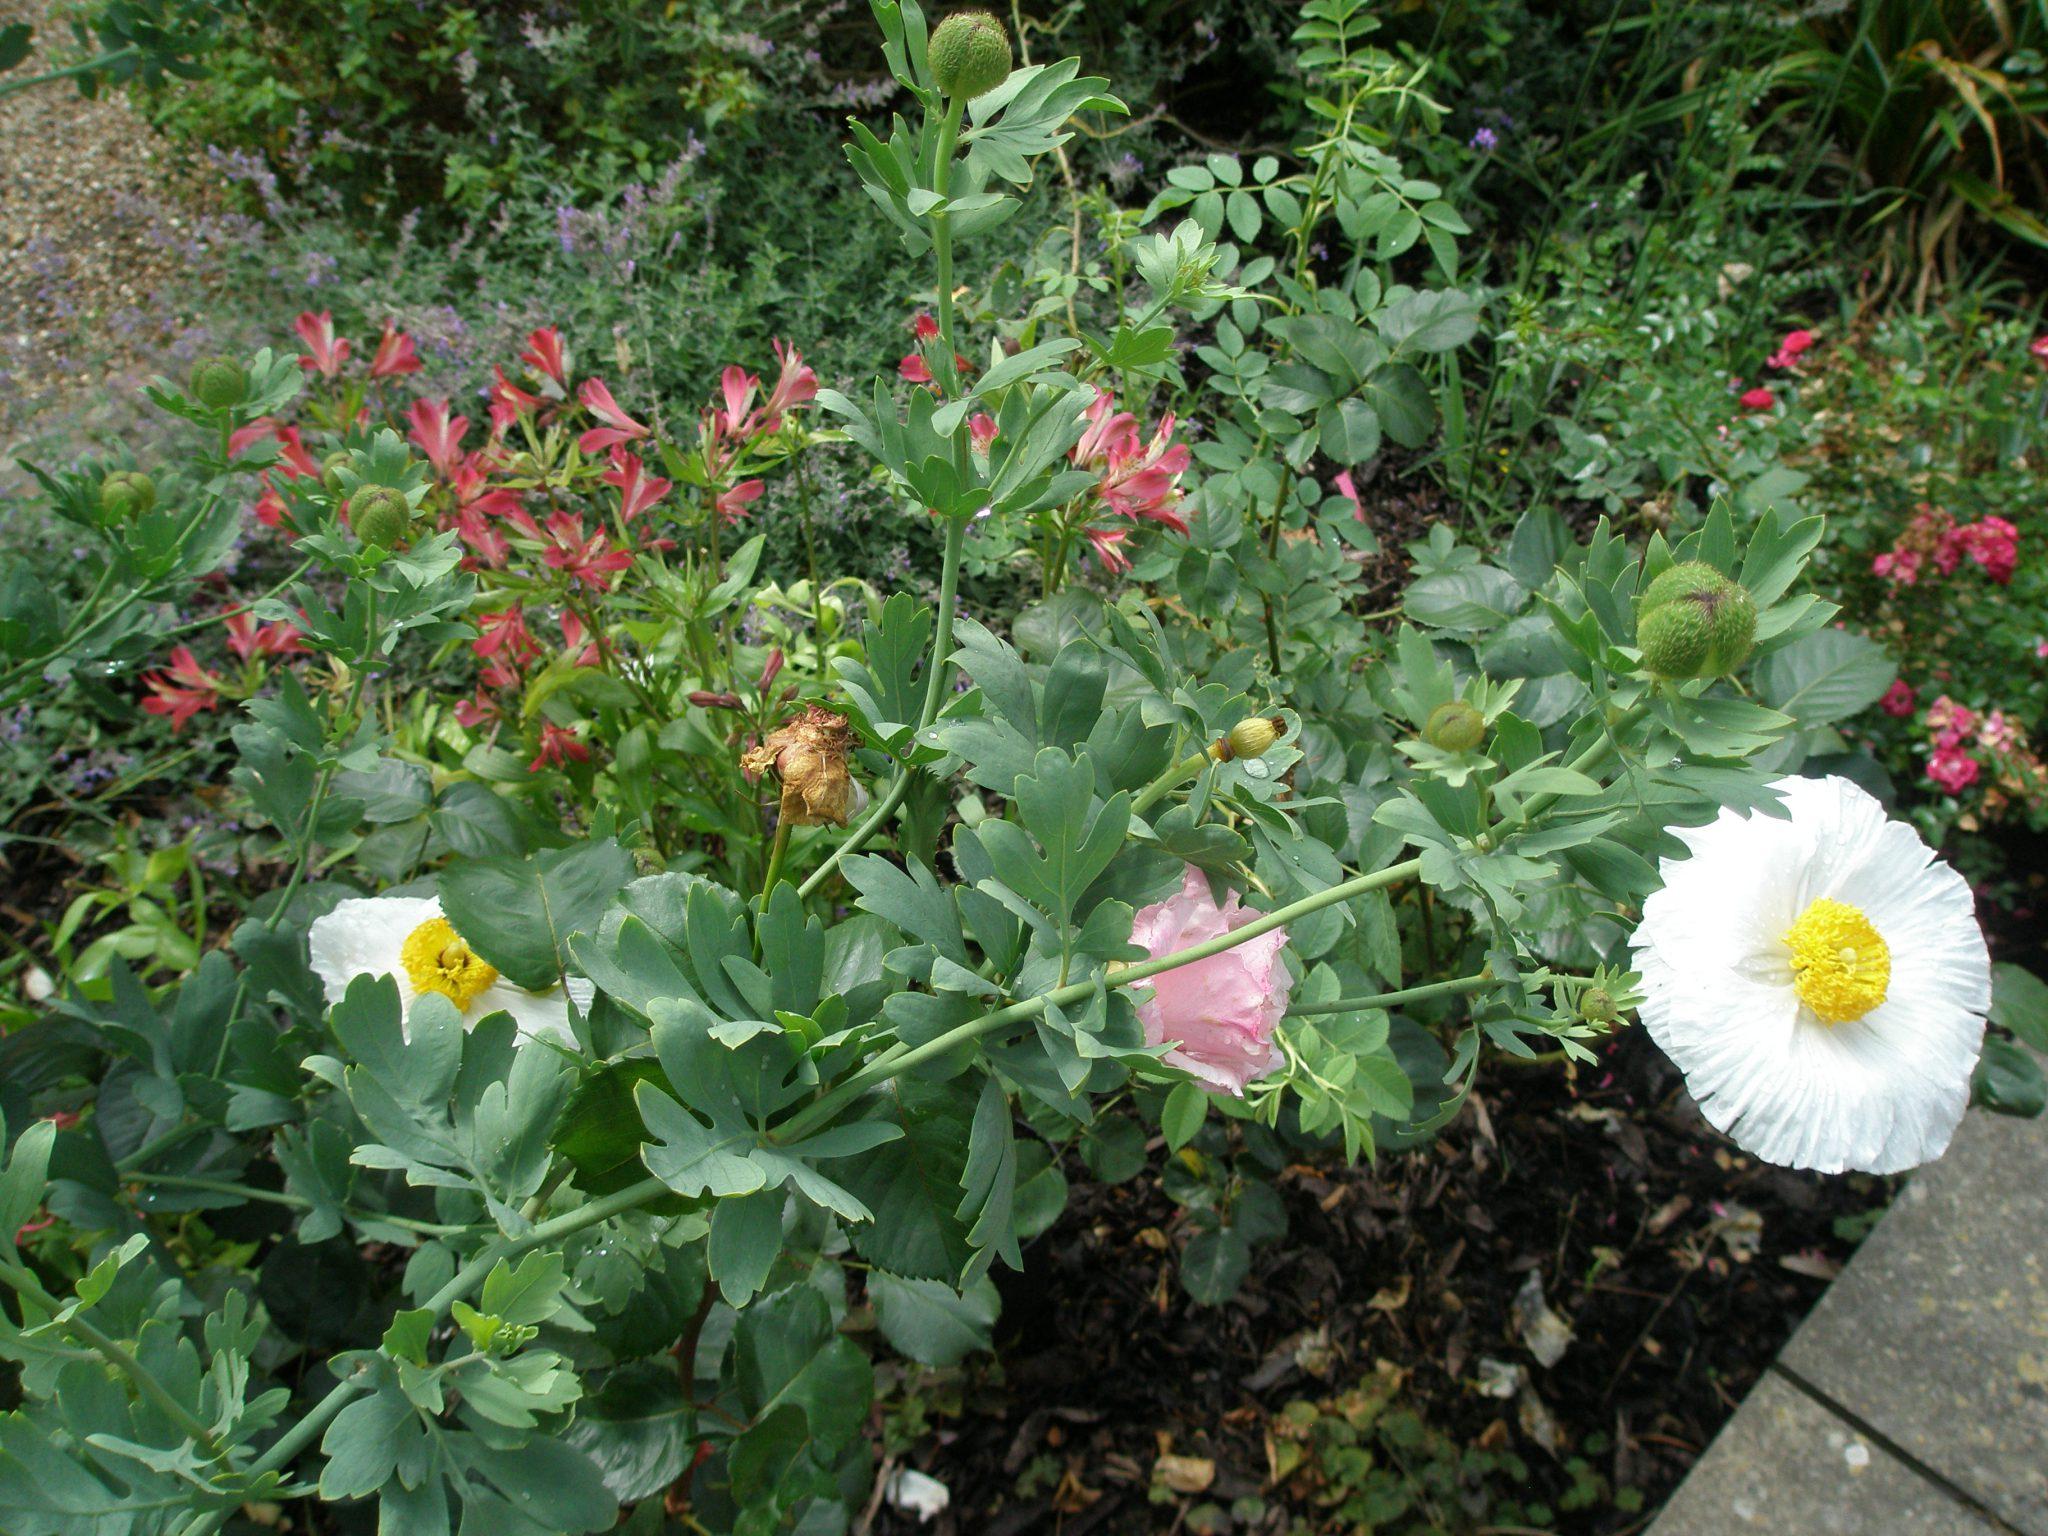 Flowers in the Queen Mum's Garden.